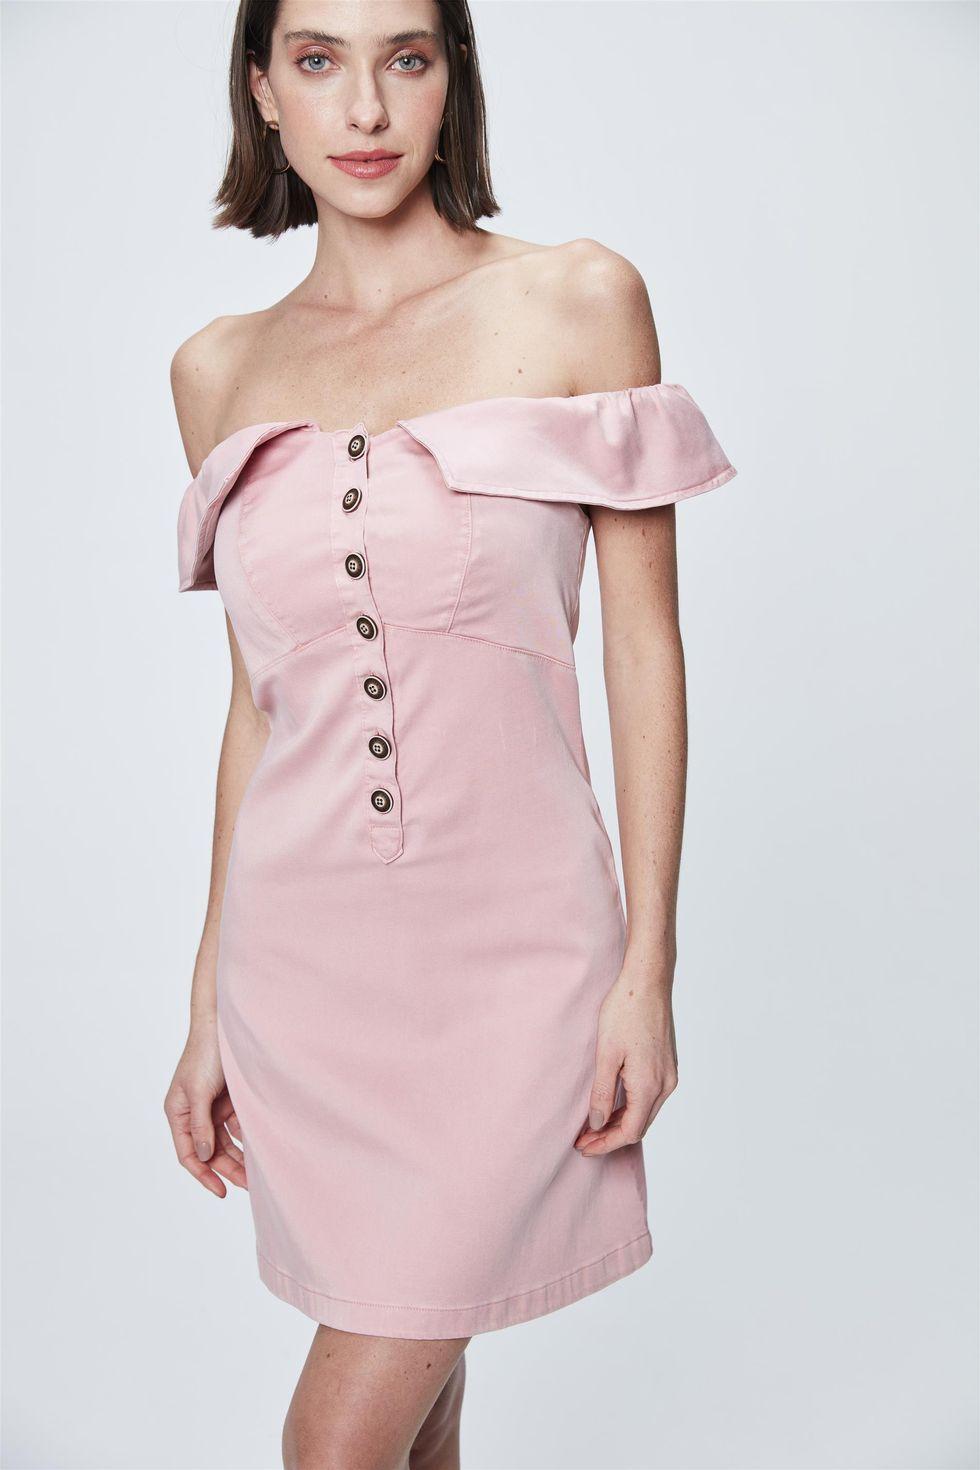 Vestido-Ombro-a-Ombro-Rosa-Frente--